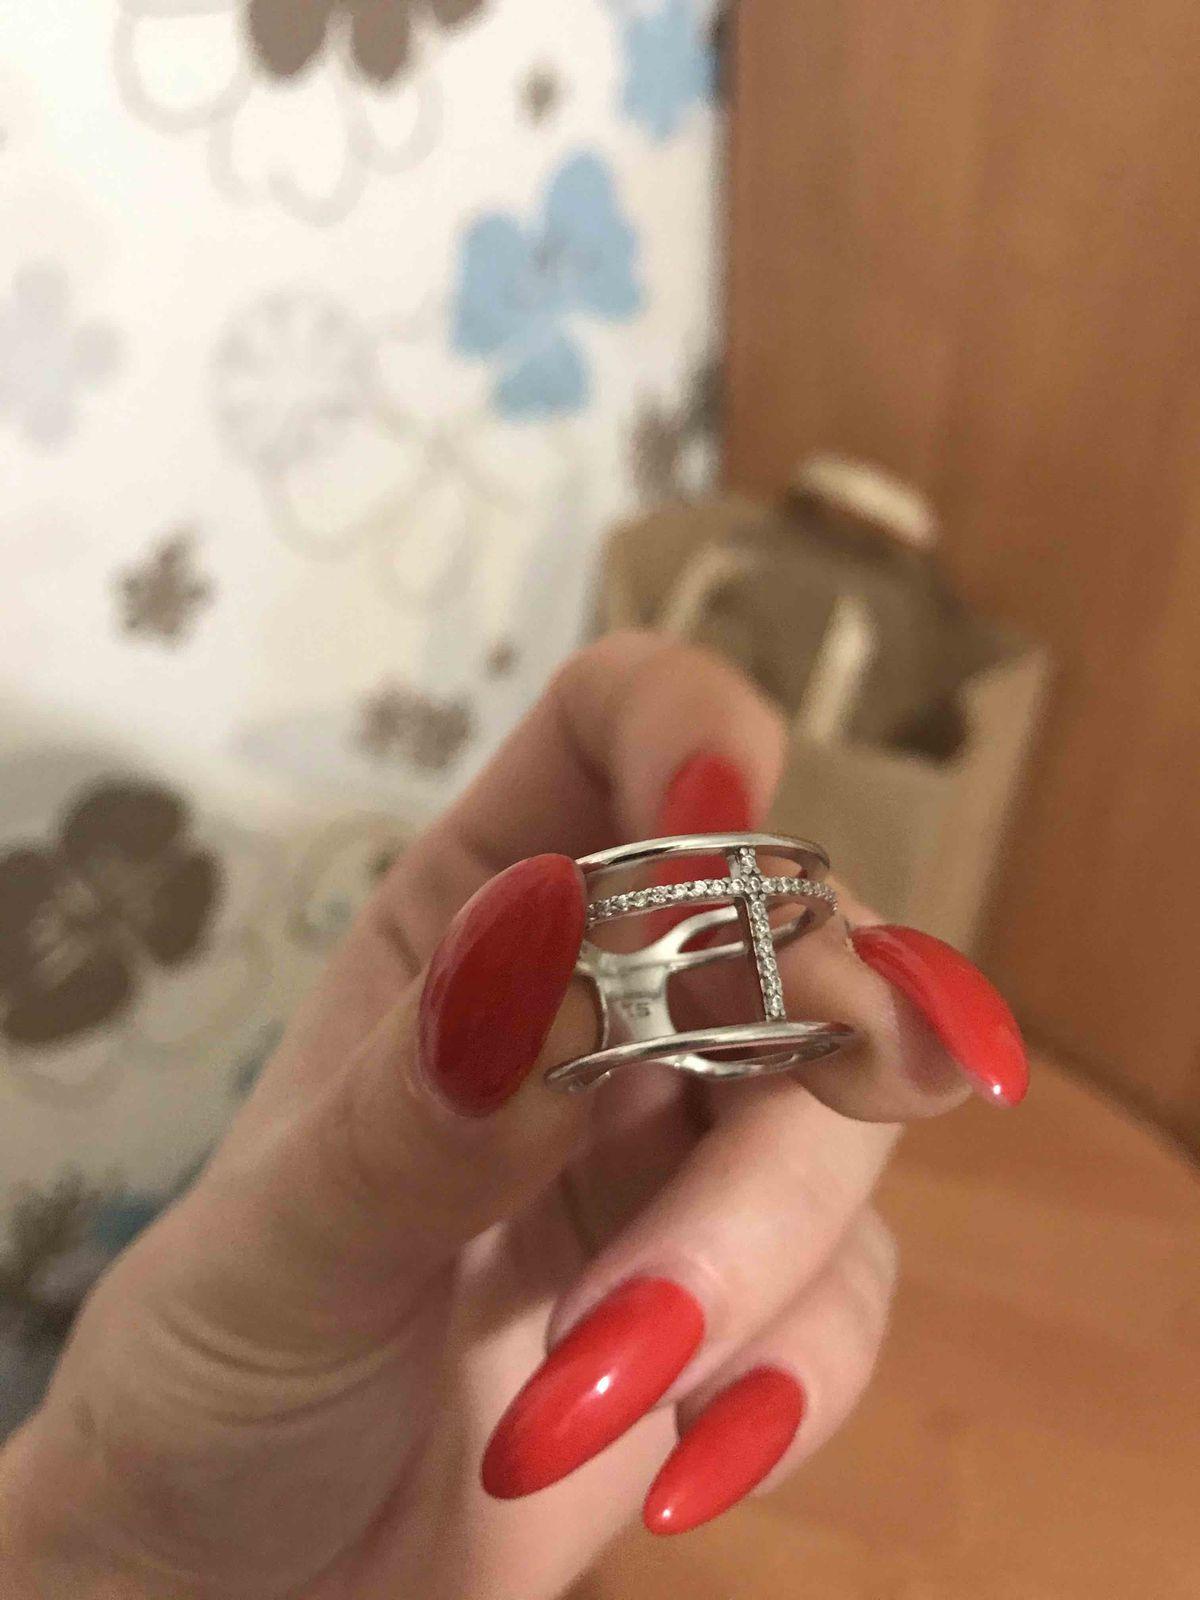 Кольцо 😻😻😻